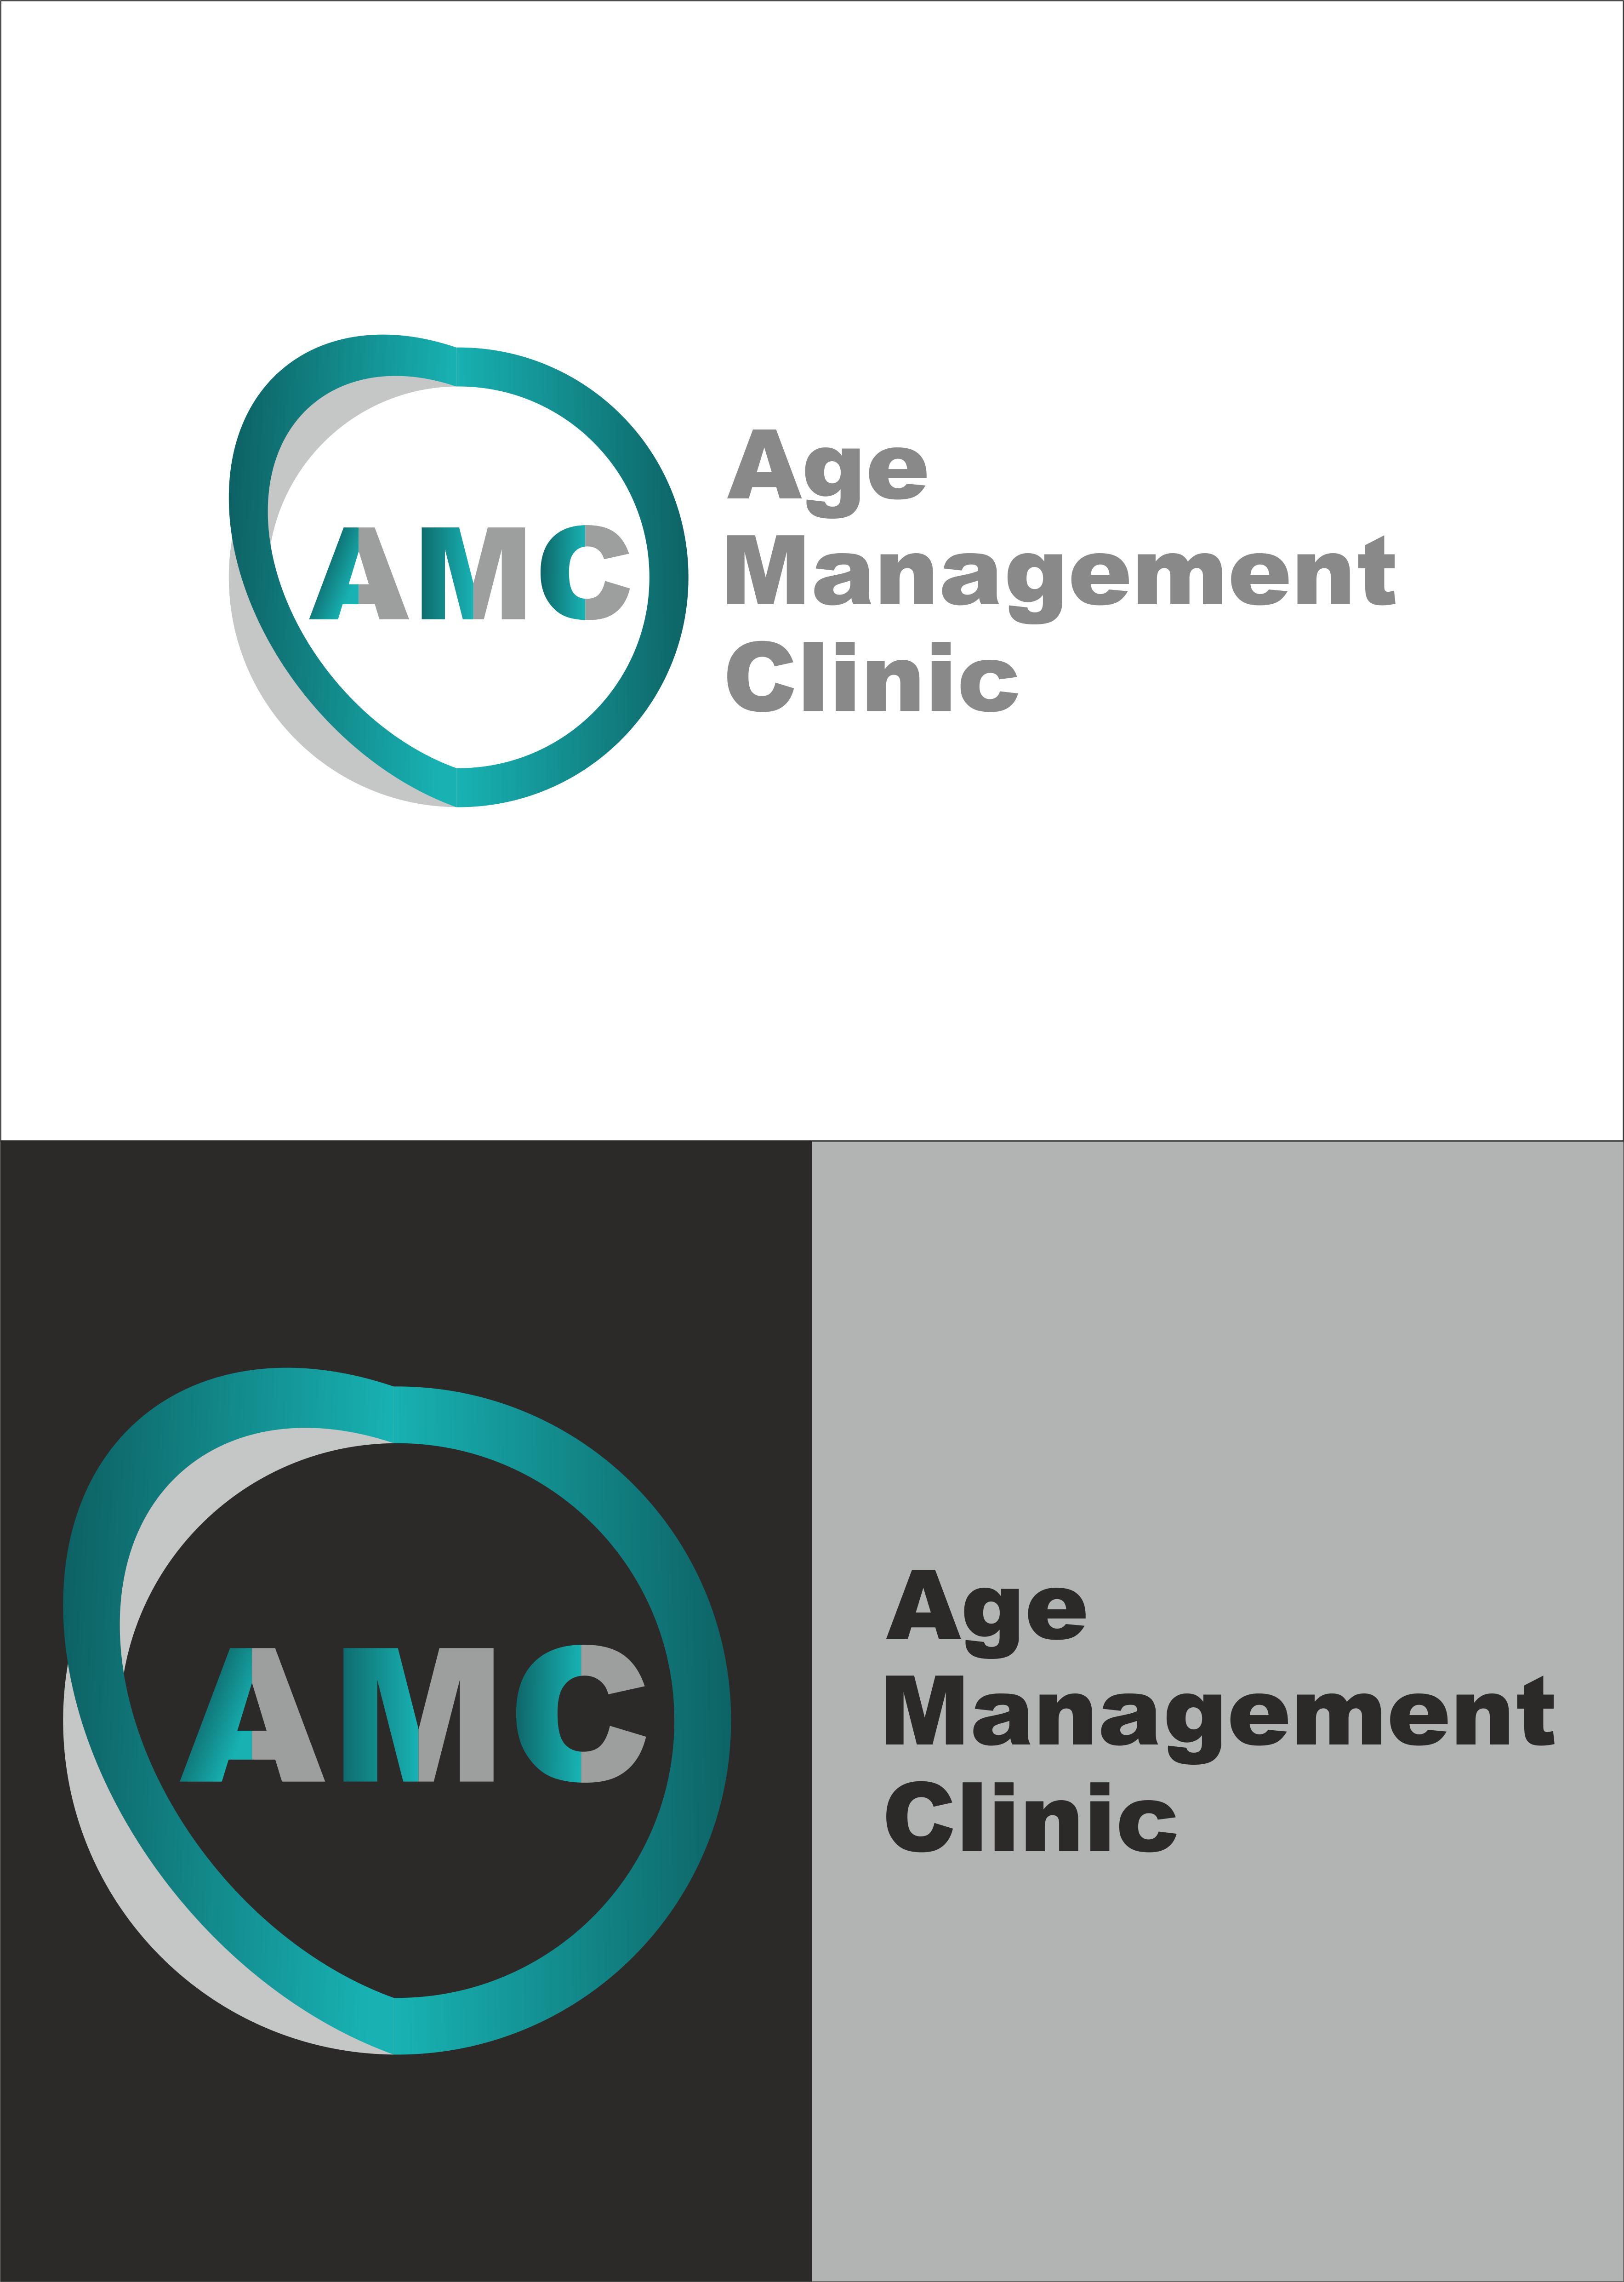 Логотип для медицинского центра (клиники)  фото f_5335b98d3bc3d8ff.png